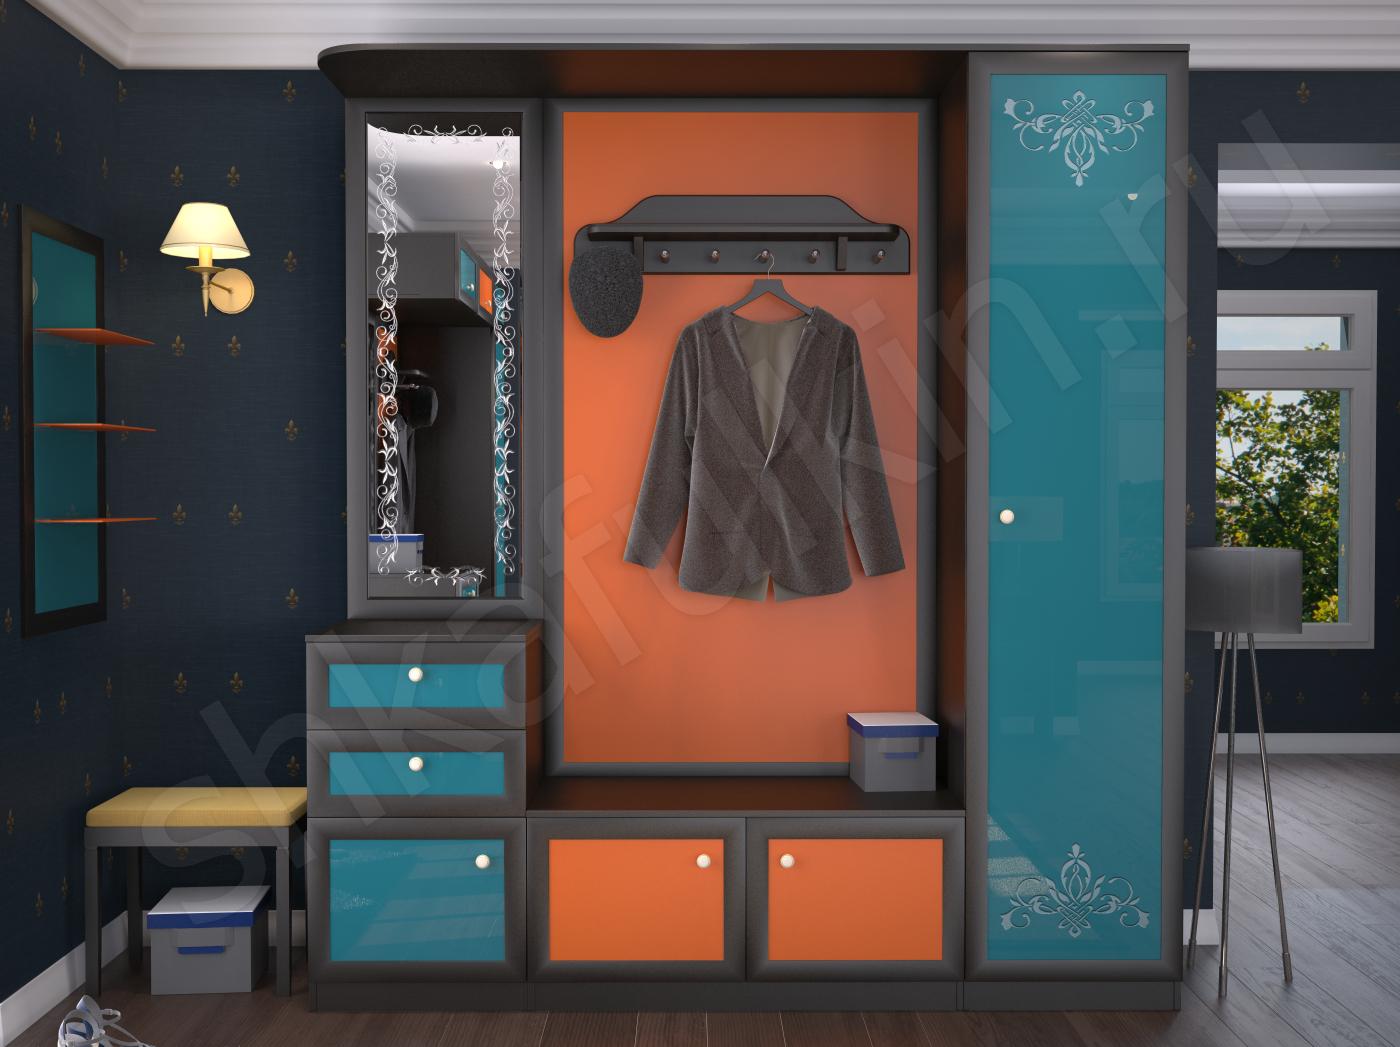 Шкаф в прихожую фантазия сочетание бирюзового и оранжевого ц.